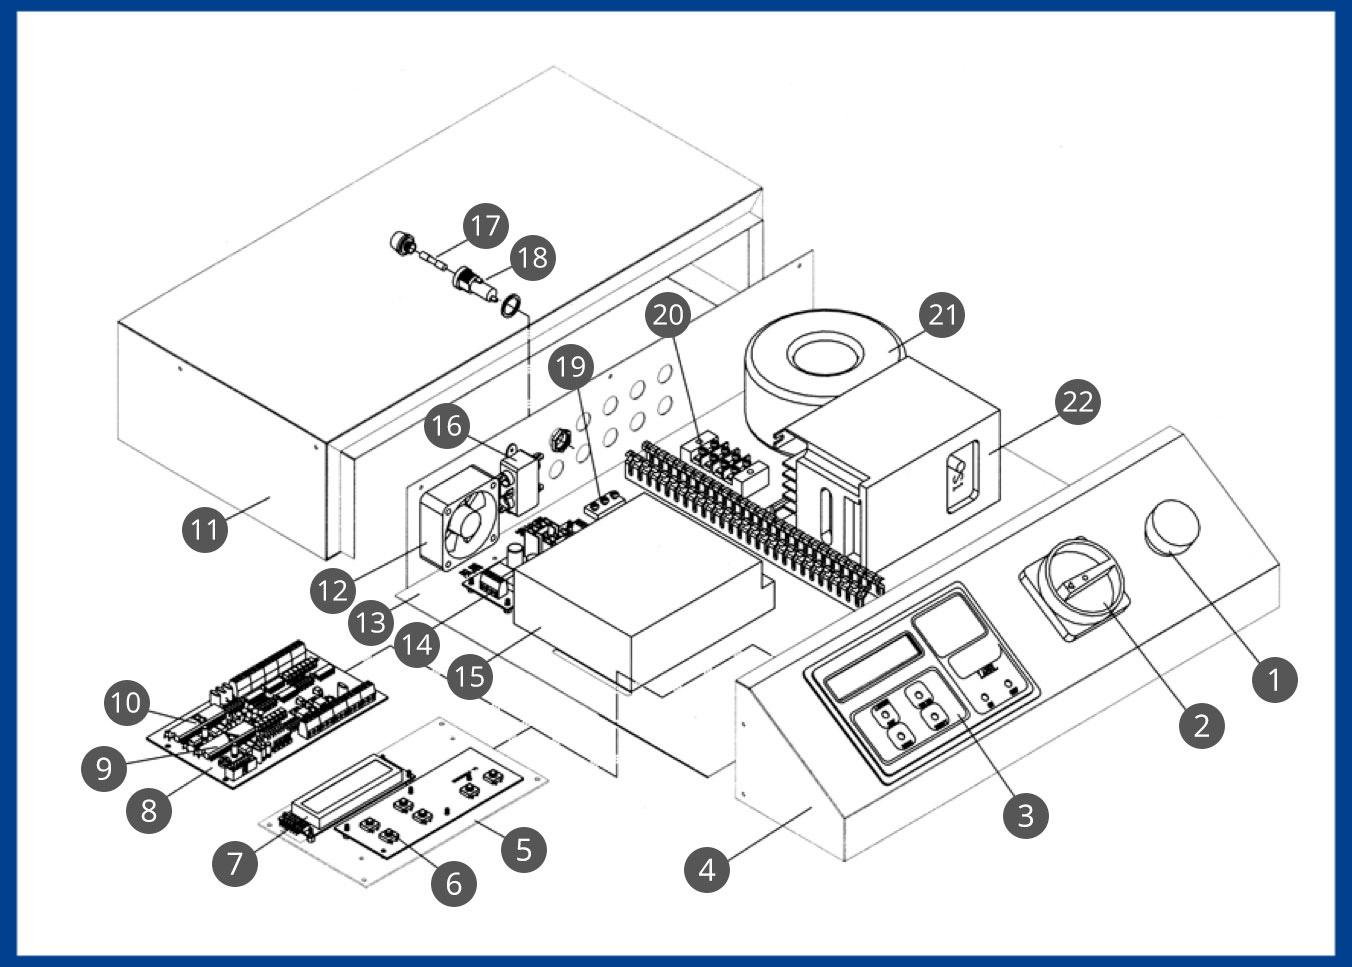 ELF-20_Control-Box_P23